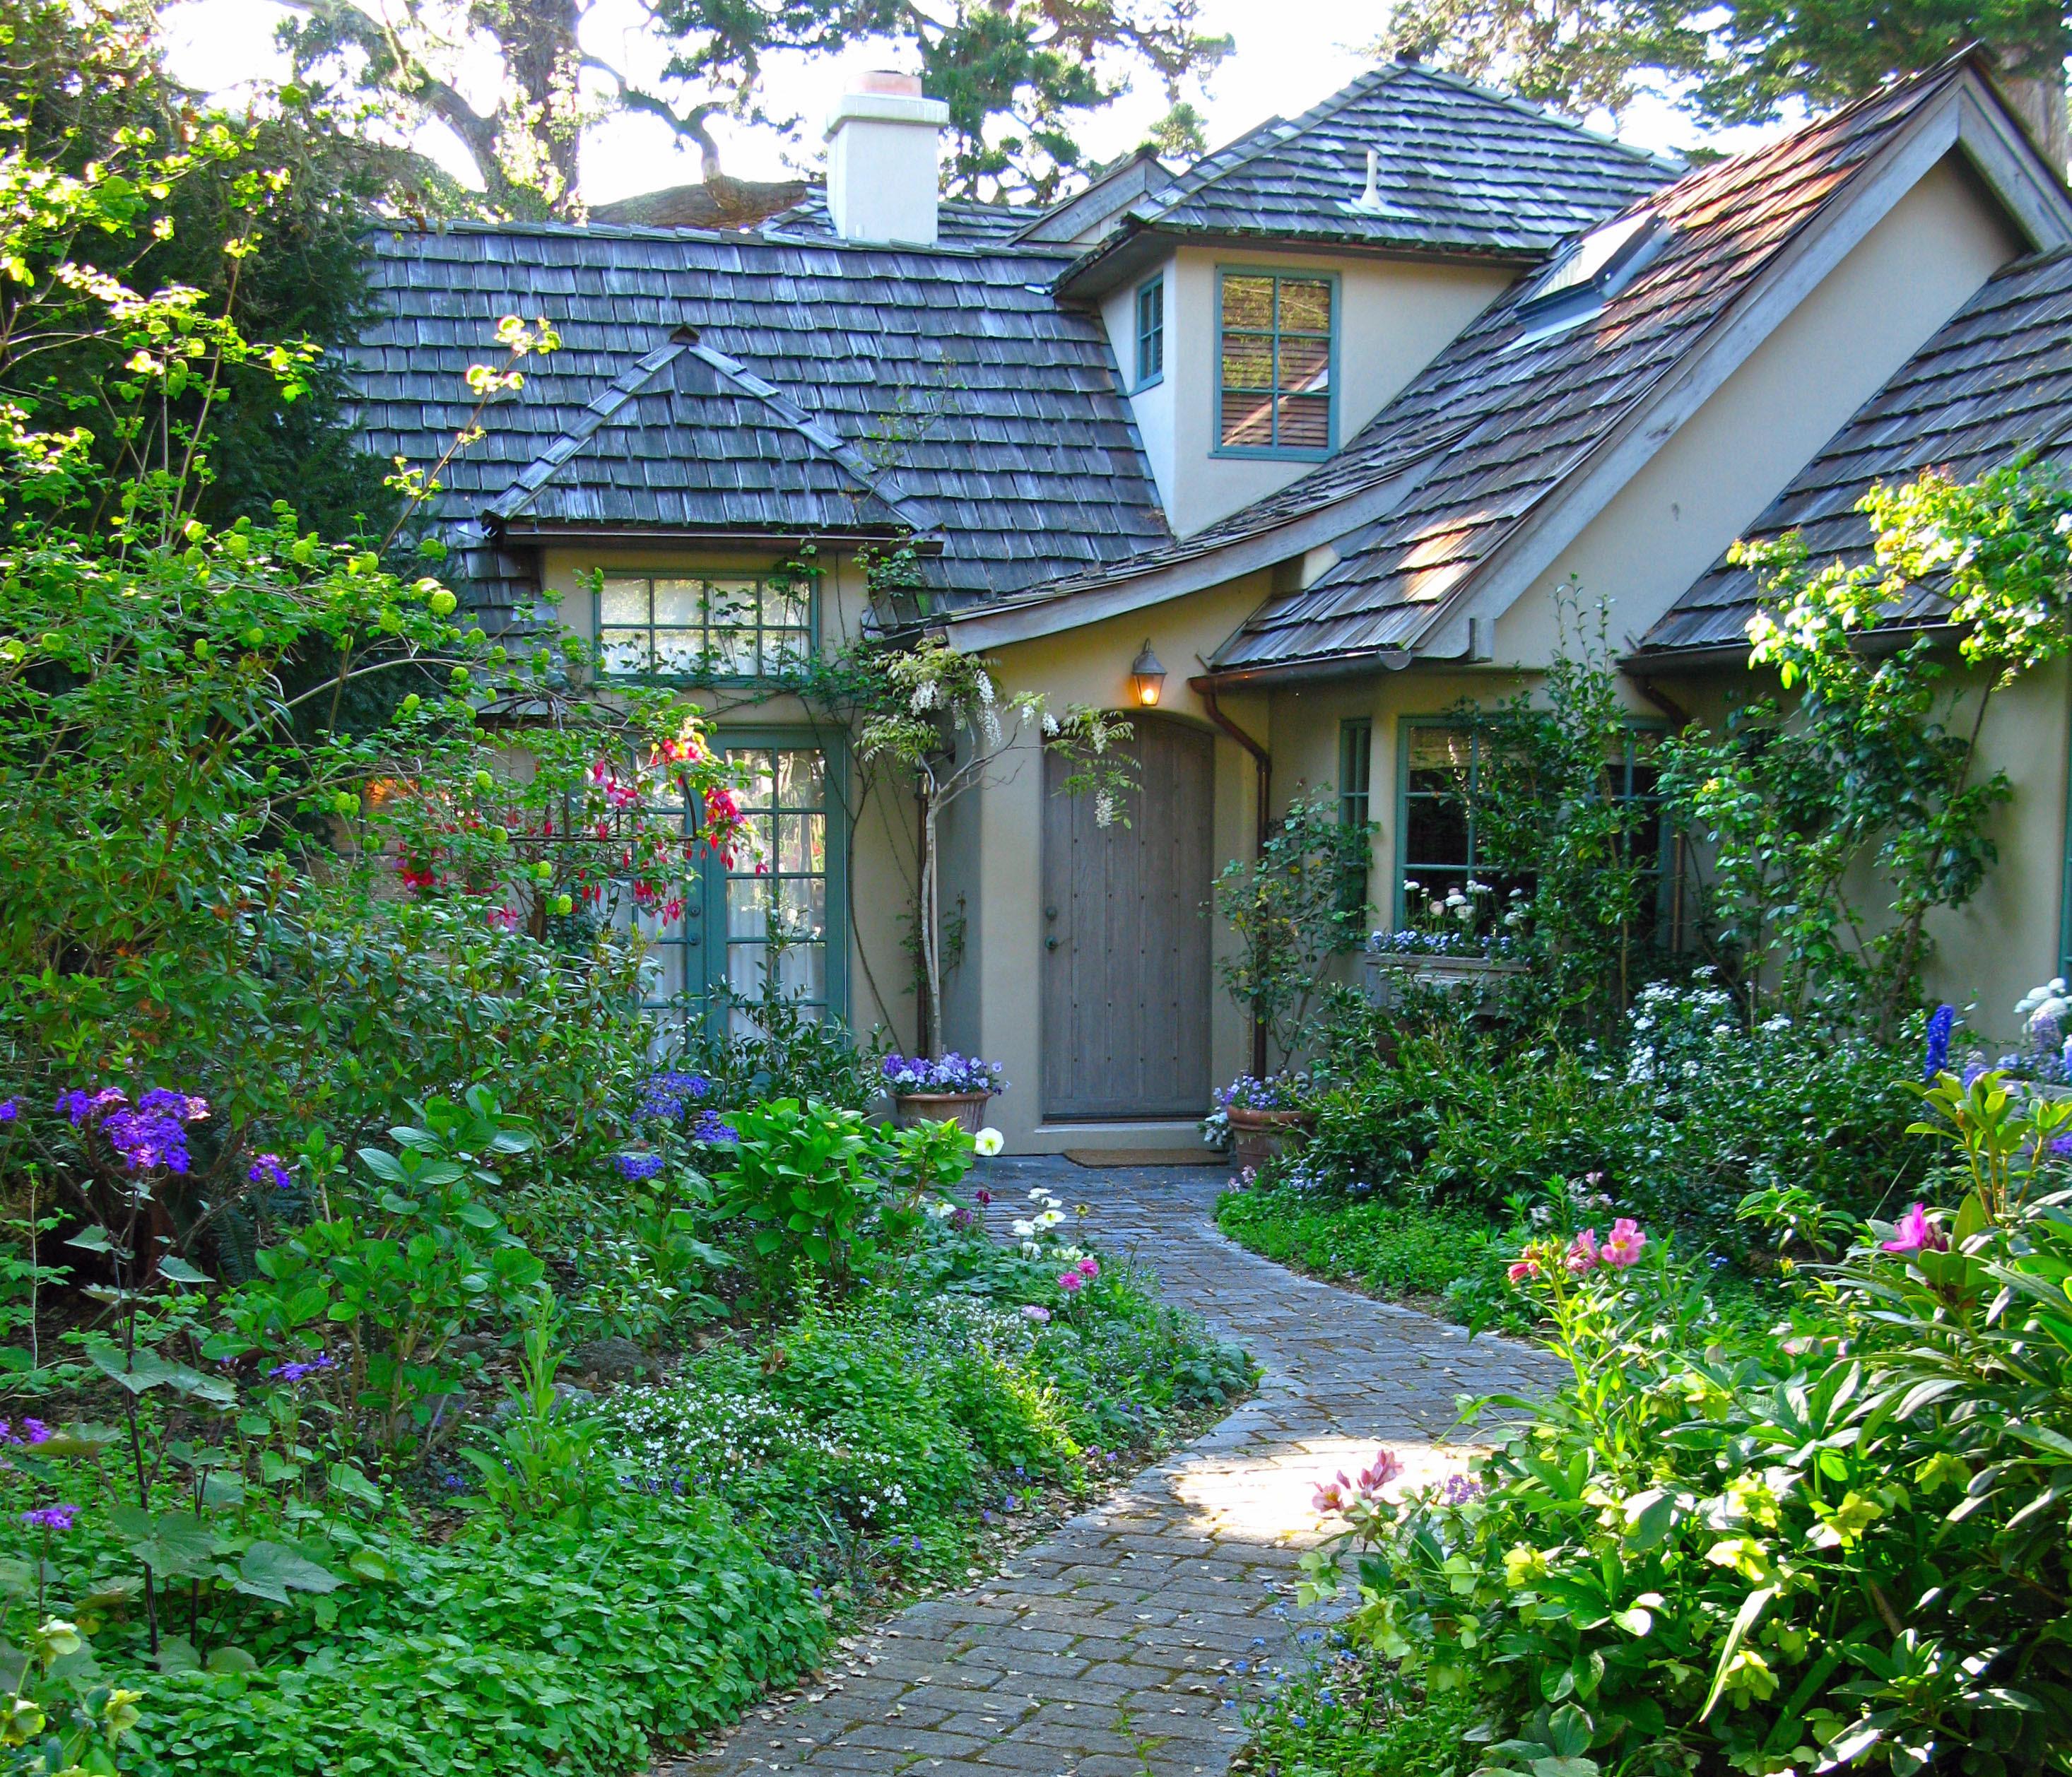 Cottage Flower Gardens: Cliserpudo: Beautiful Cottage Flower Garden Images